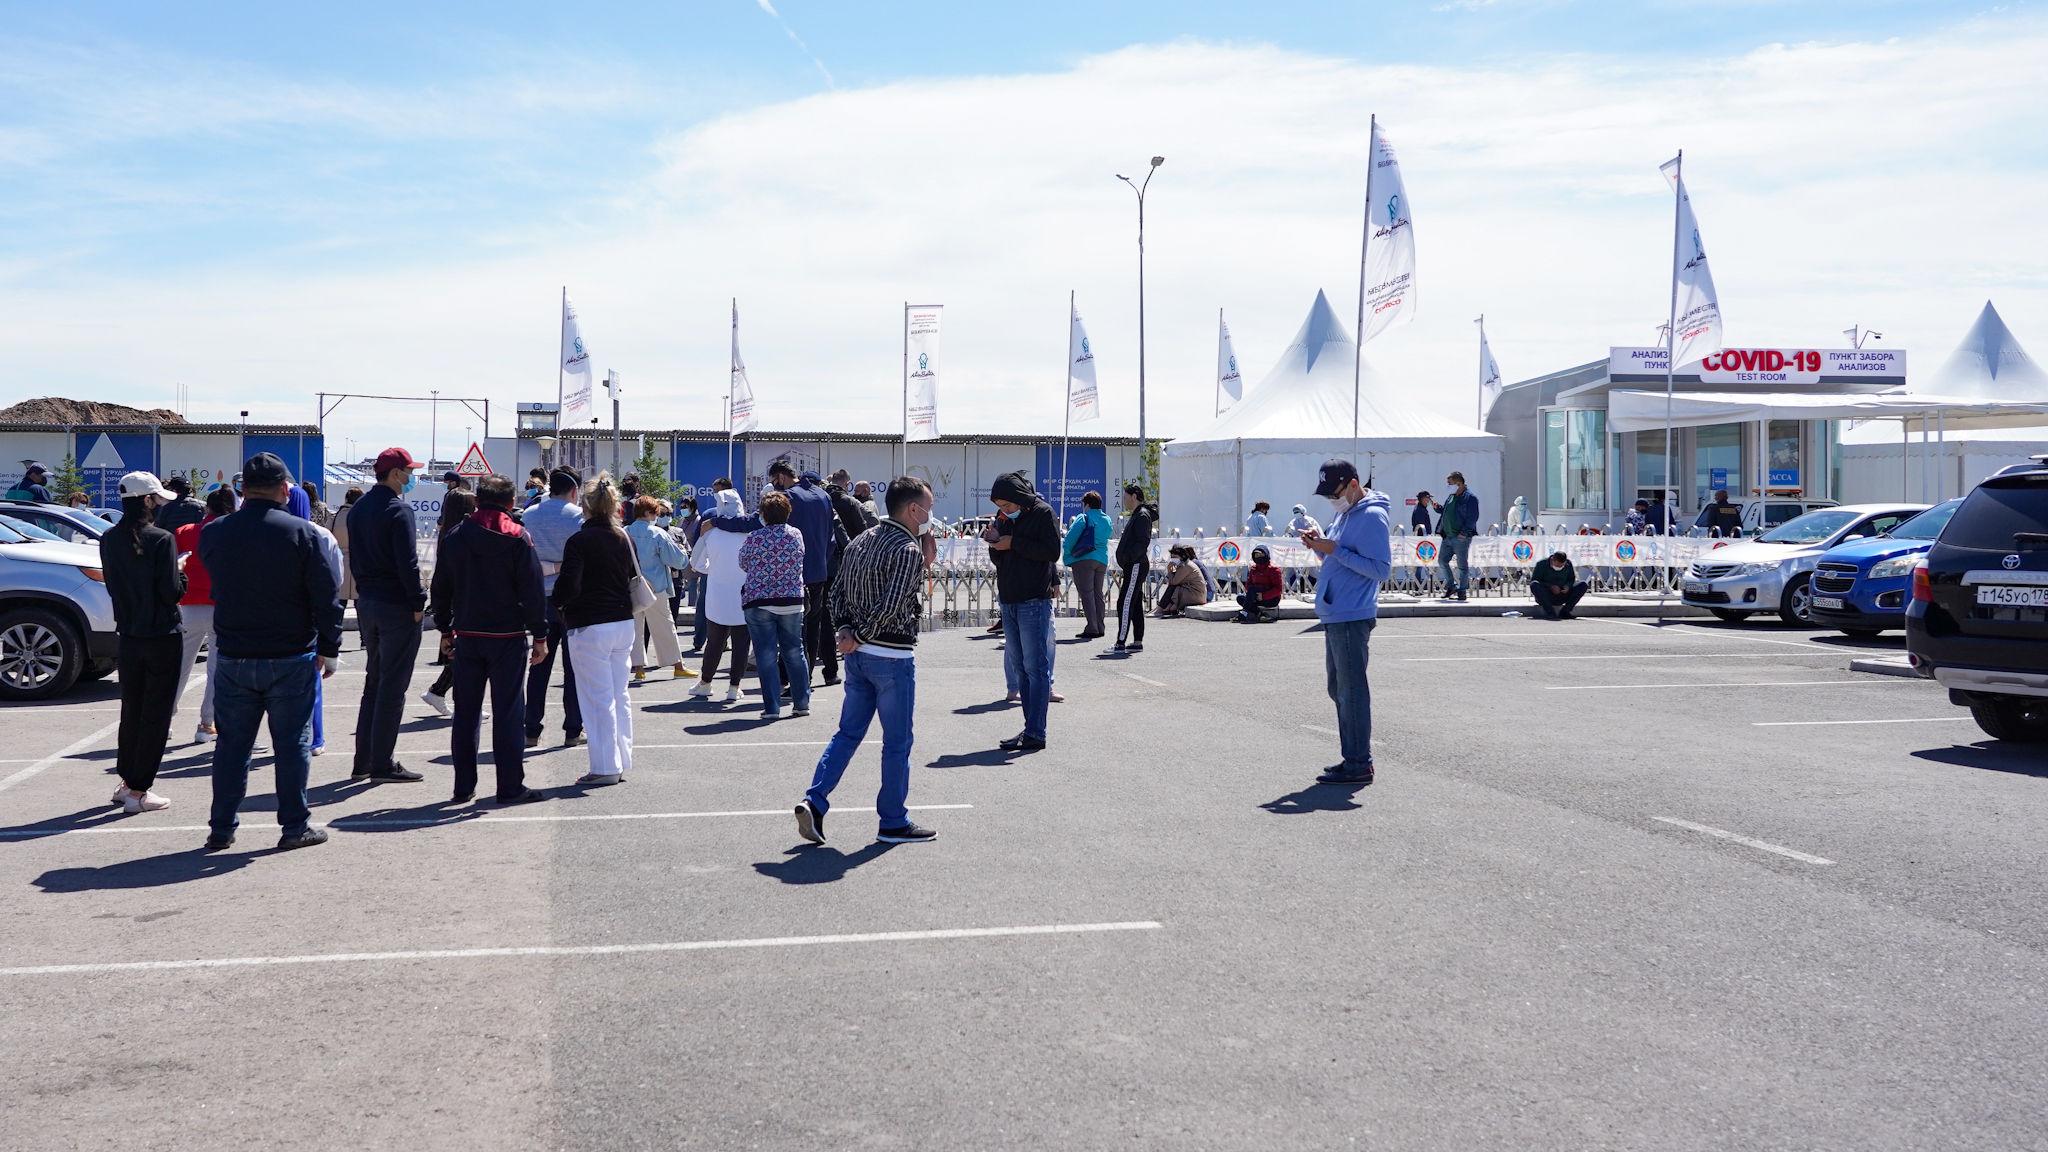 People waiting in line to pass COVID 19 test in mobile laboratory in Nur Sultan. Photo credit SputnikAbzal Kaliyev - Казахстан ужесточает ограничения взаперти за выходные по борьбе с возрождающейся коронавирус волны